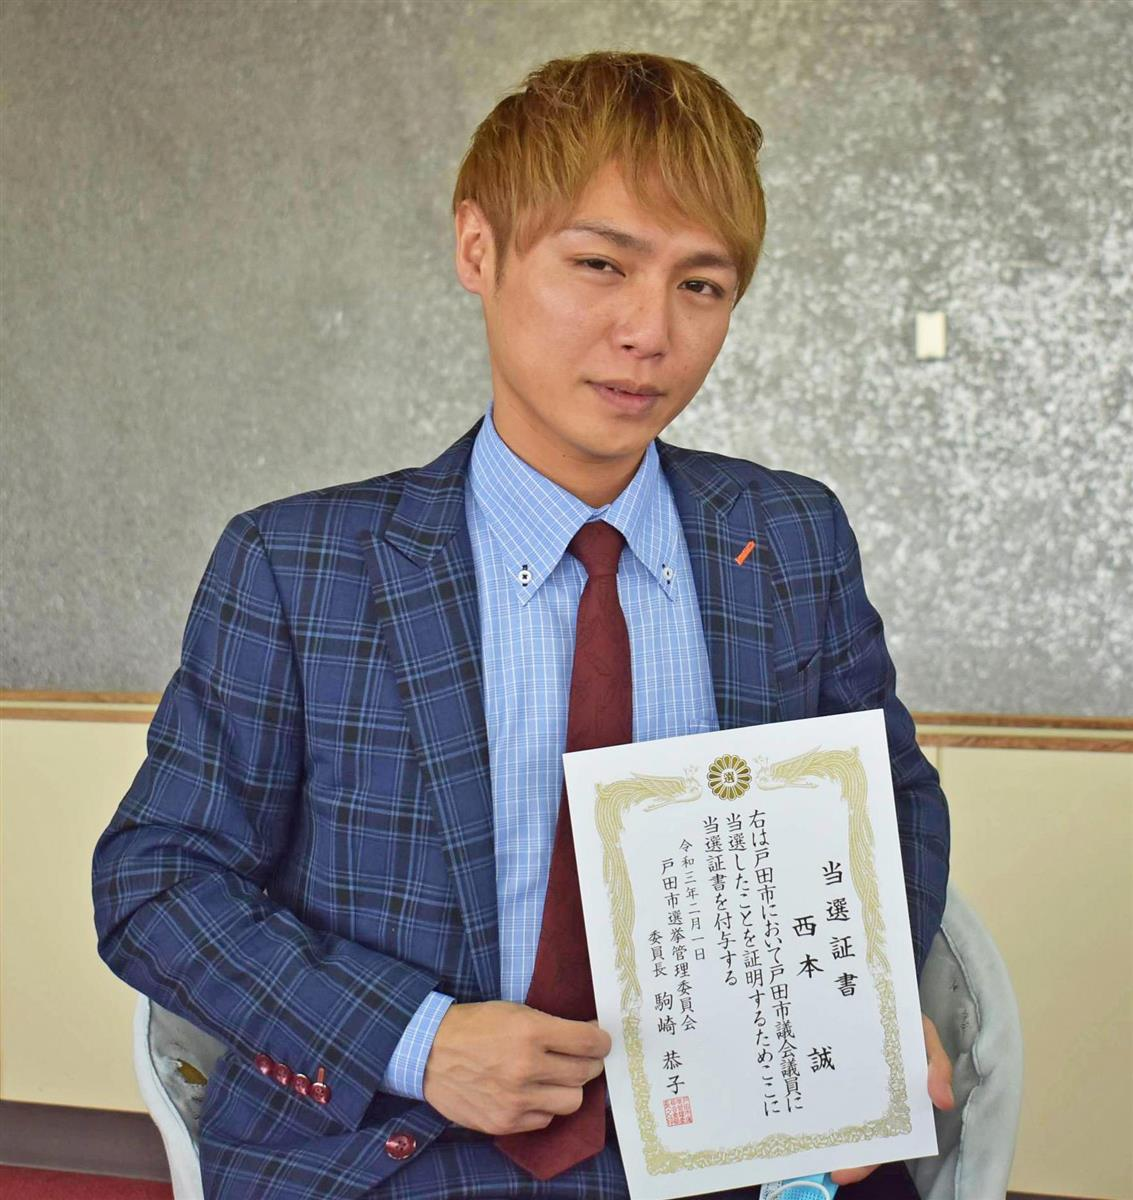 市議会 議員 選挙 戸田